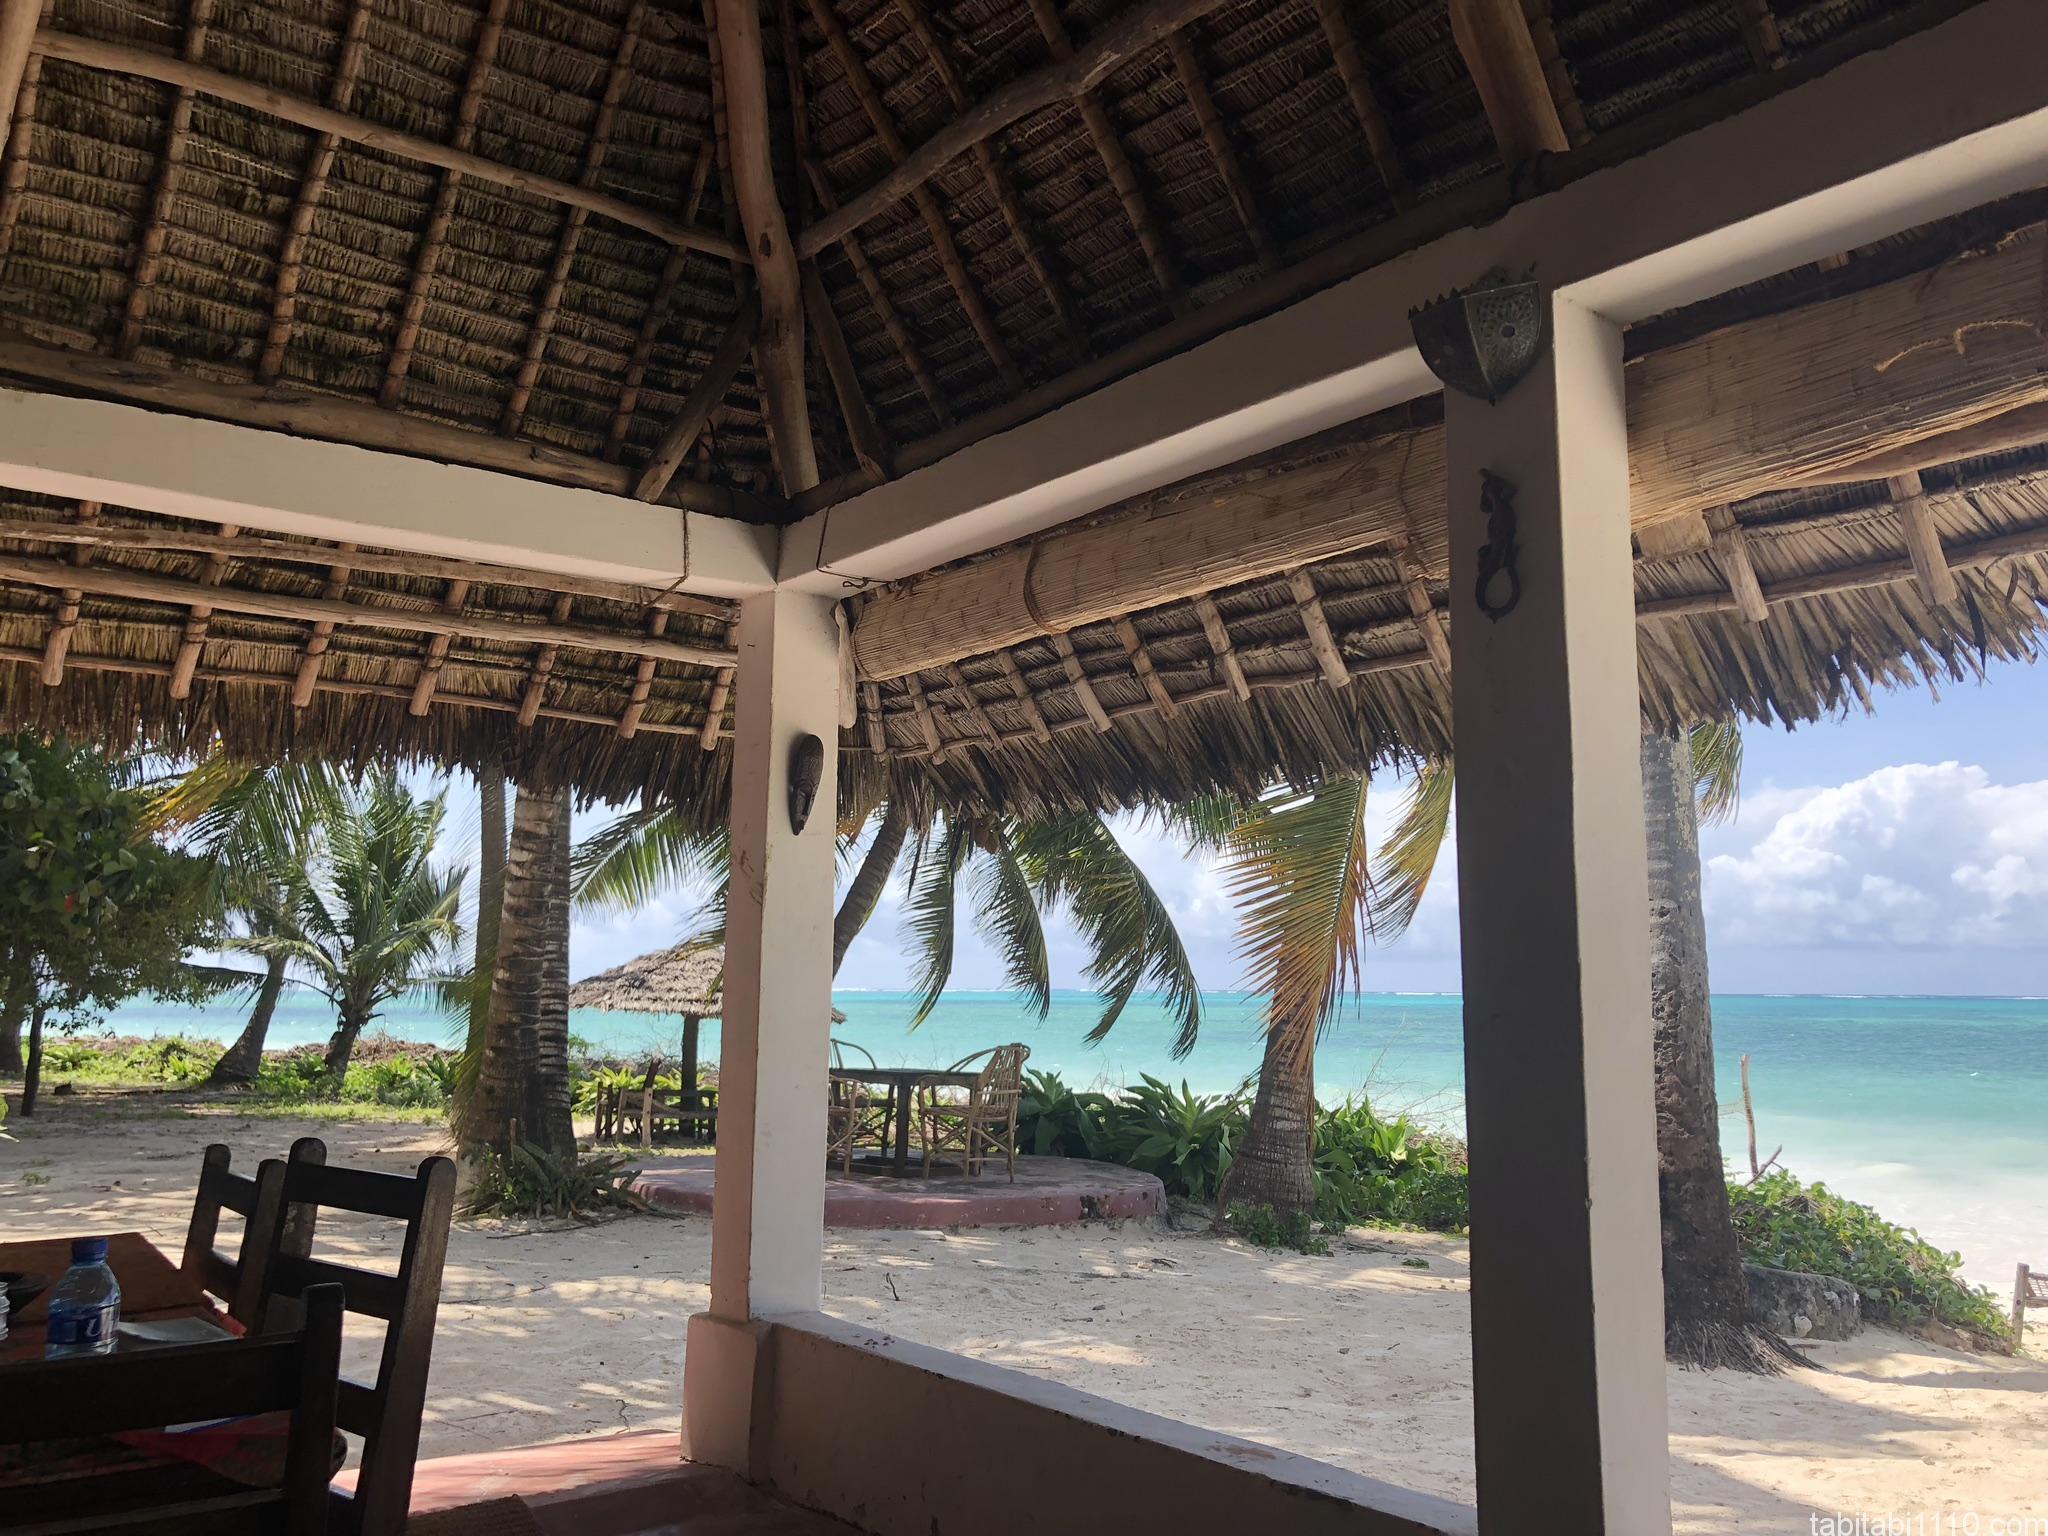 ザンジバル パラダイスビーチバンガロー